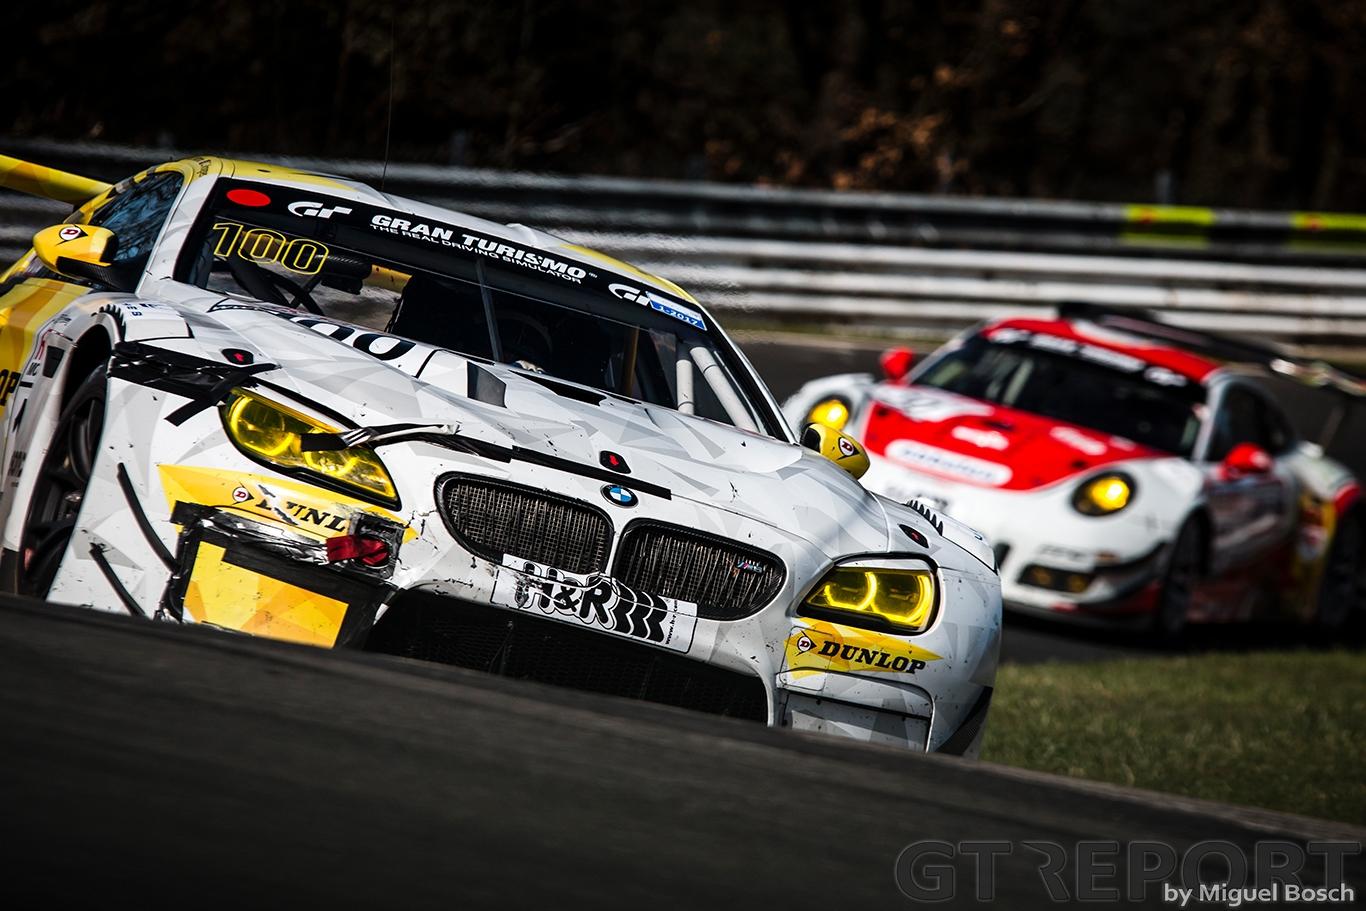 2017 VLN01 Christian Krognes 06 Miguel Bosch GT REPORT